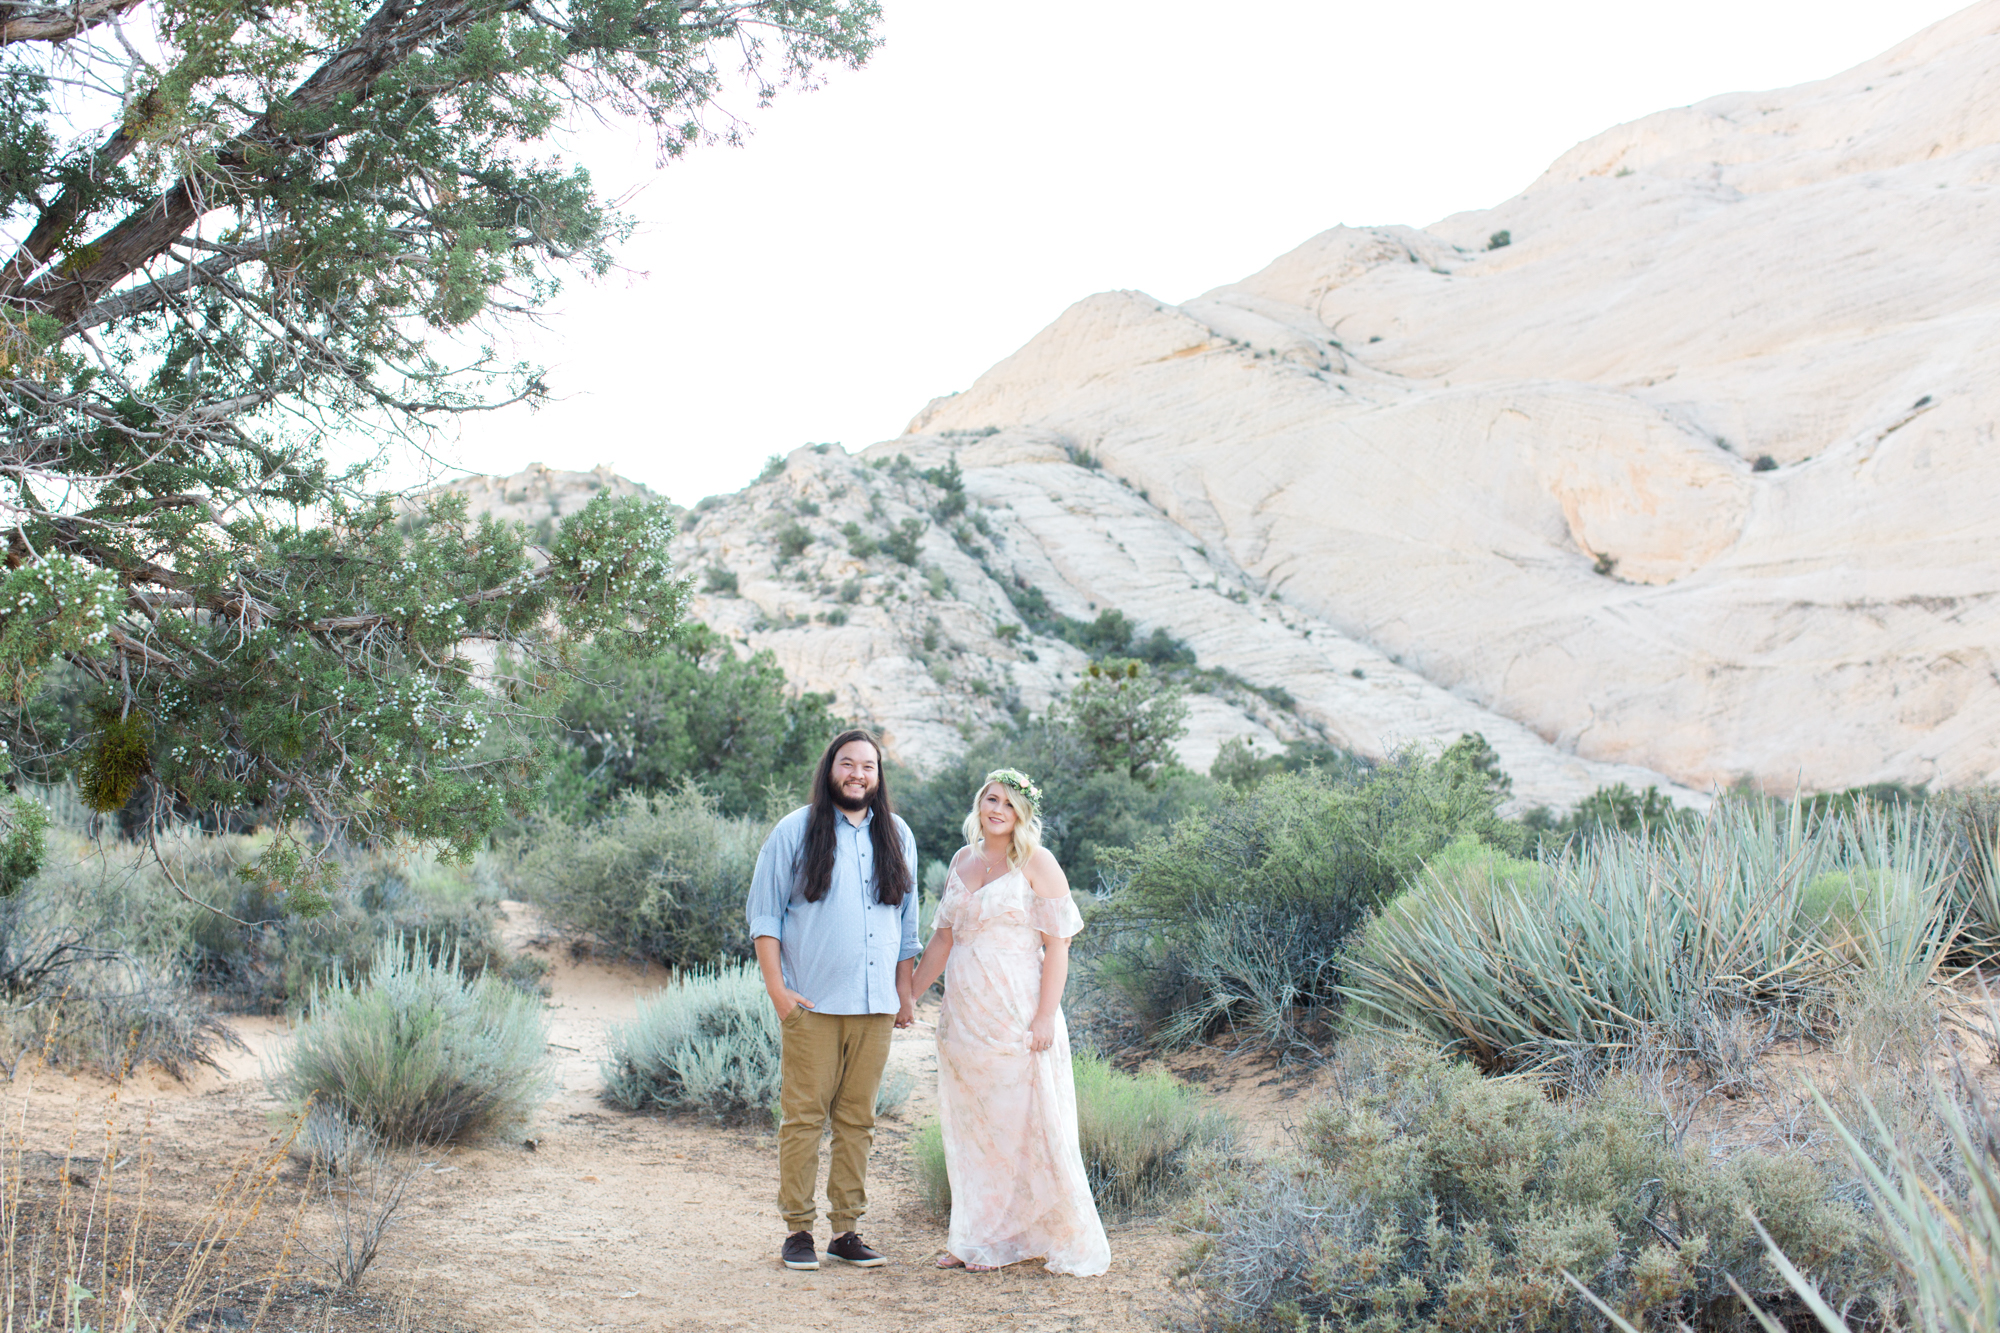 Kelcie-Ryan-Engagements-5.jpg